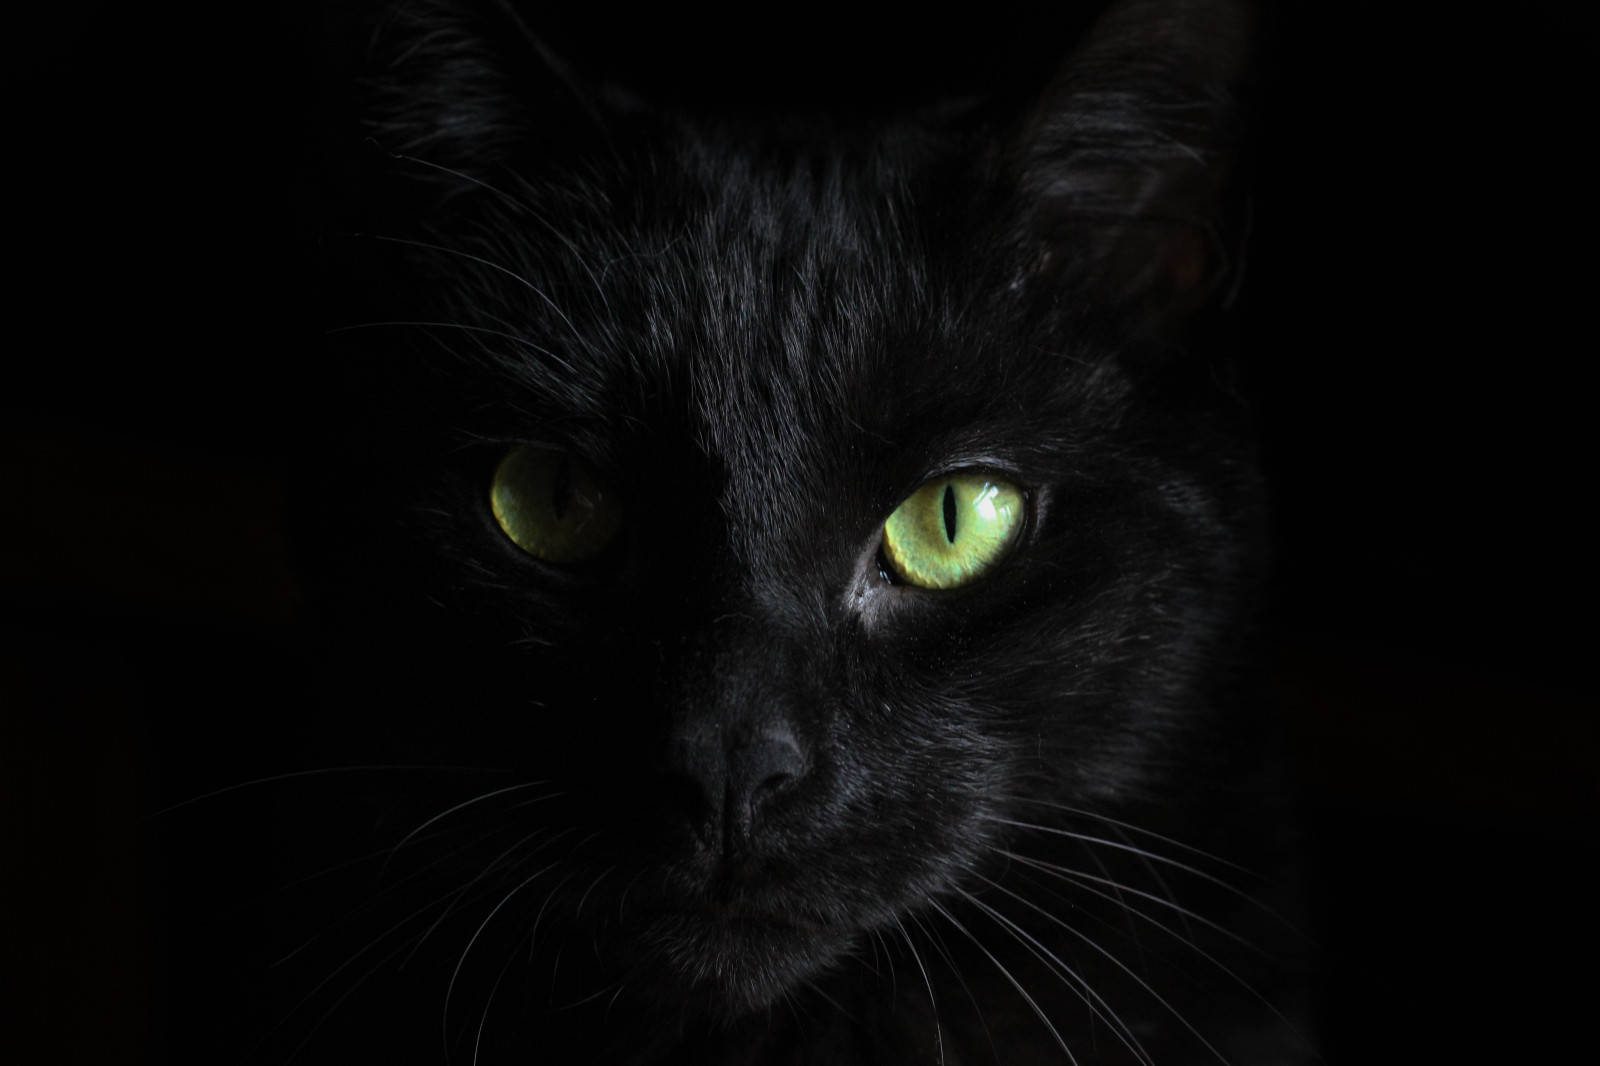 chat noir museau regardez 5184x3456